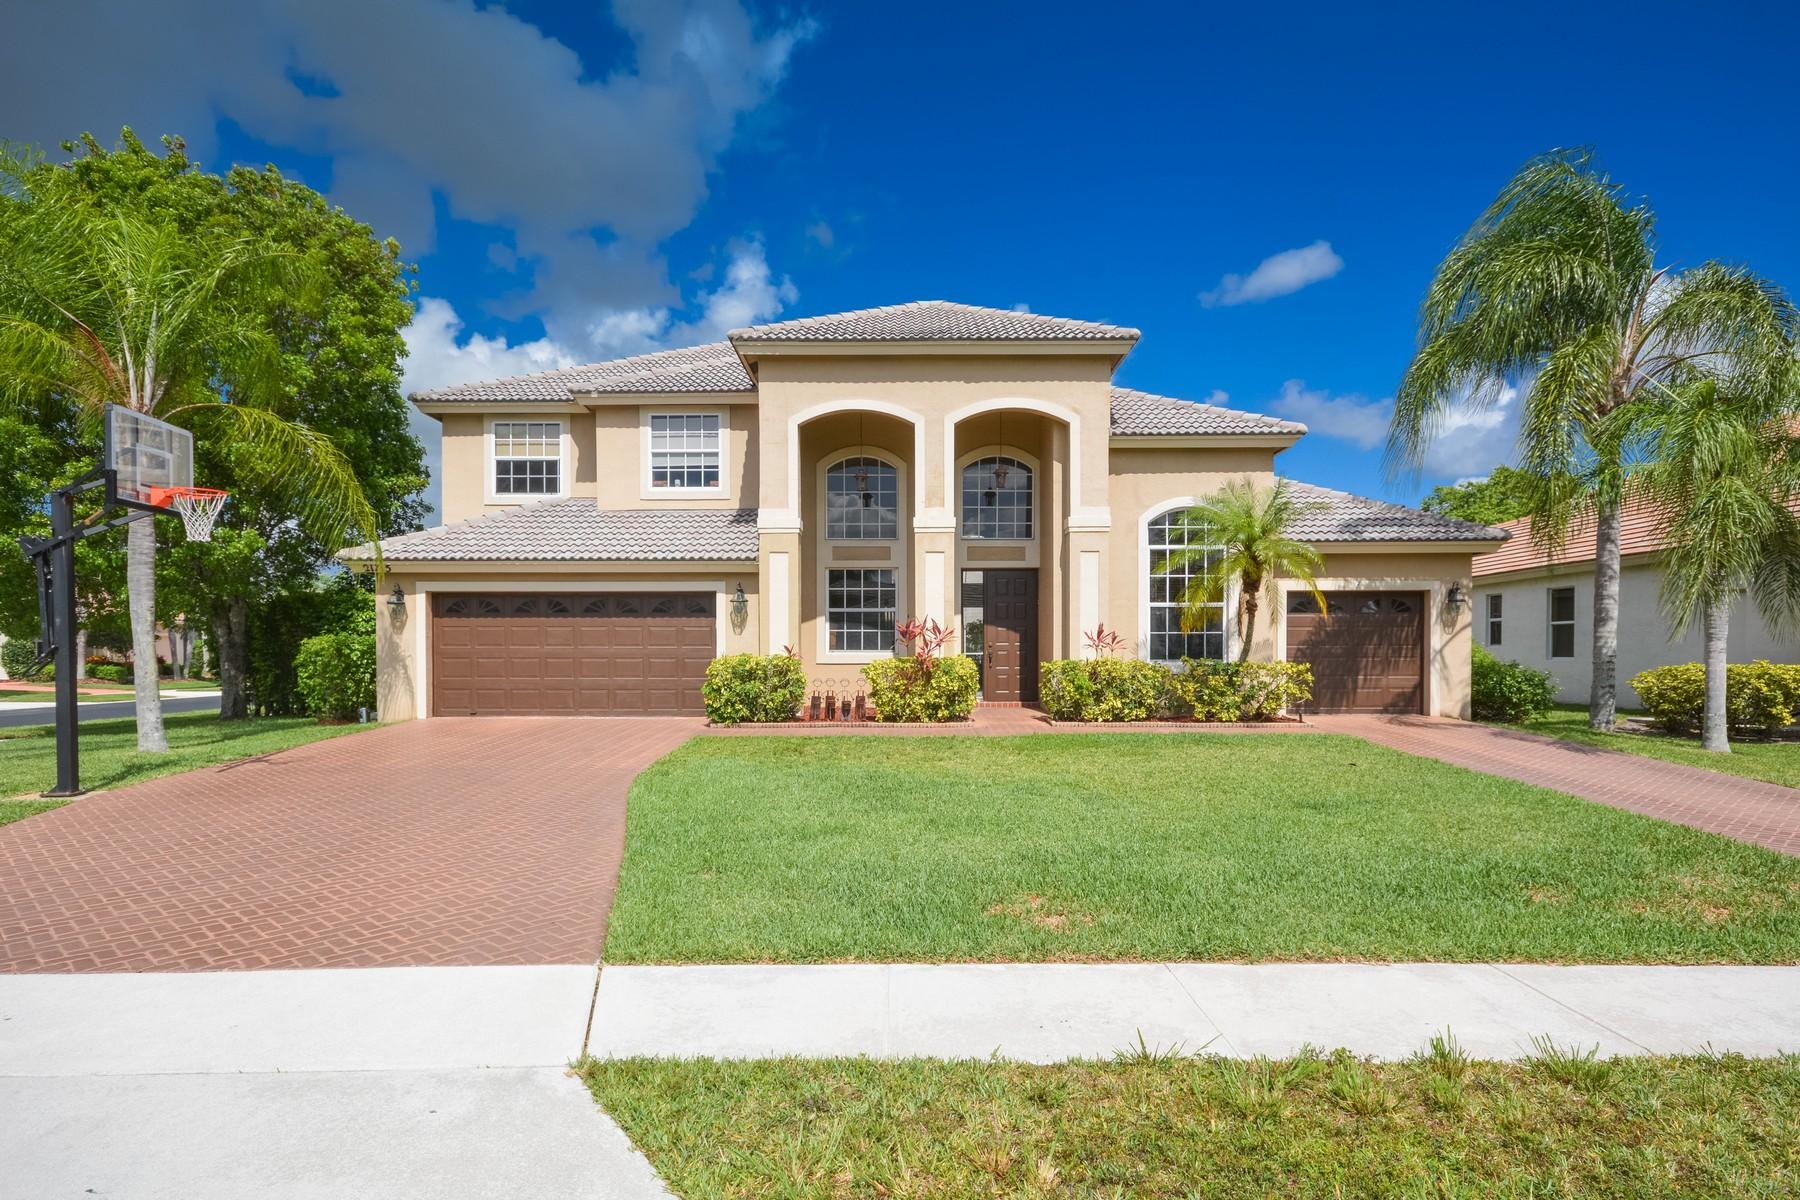 Maison unifamiliale pour l Vente à 21715 Abington Ct , Boca Raton, FL 33428 21715 Abington Ct Boca Raton, Florida, 33428 États-Unis